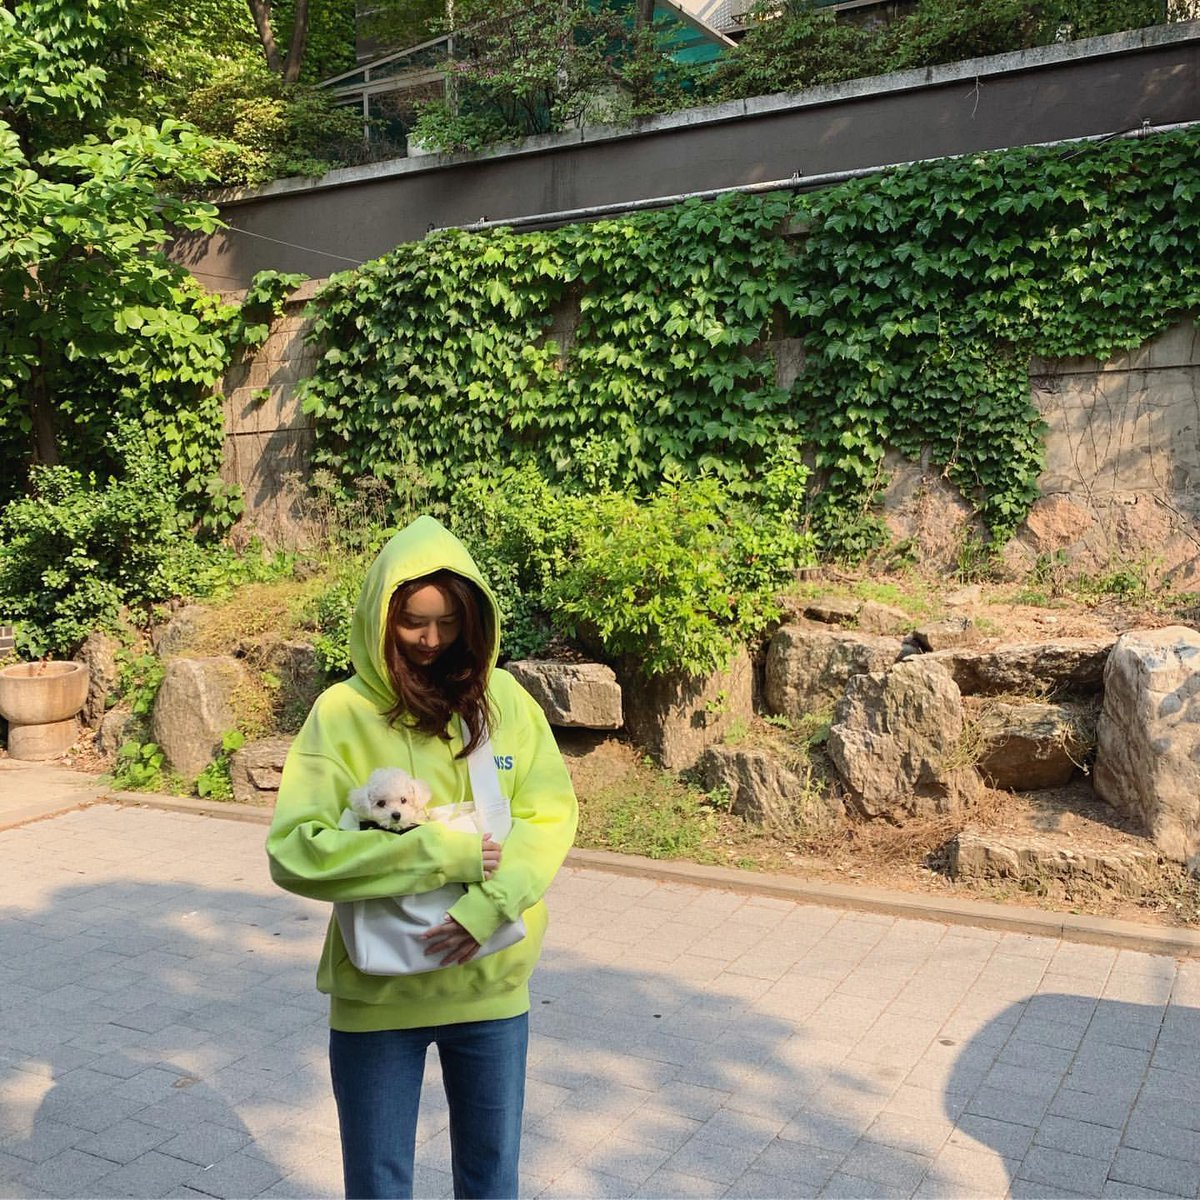 Tổng hợp SNS của Yoona D990K-aWkAEOjC2